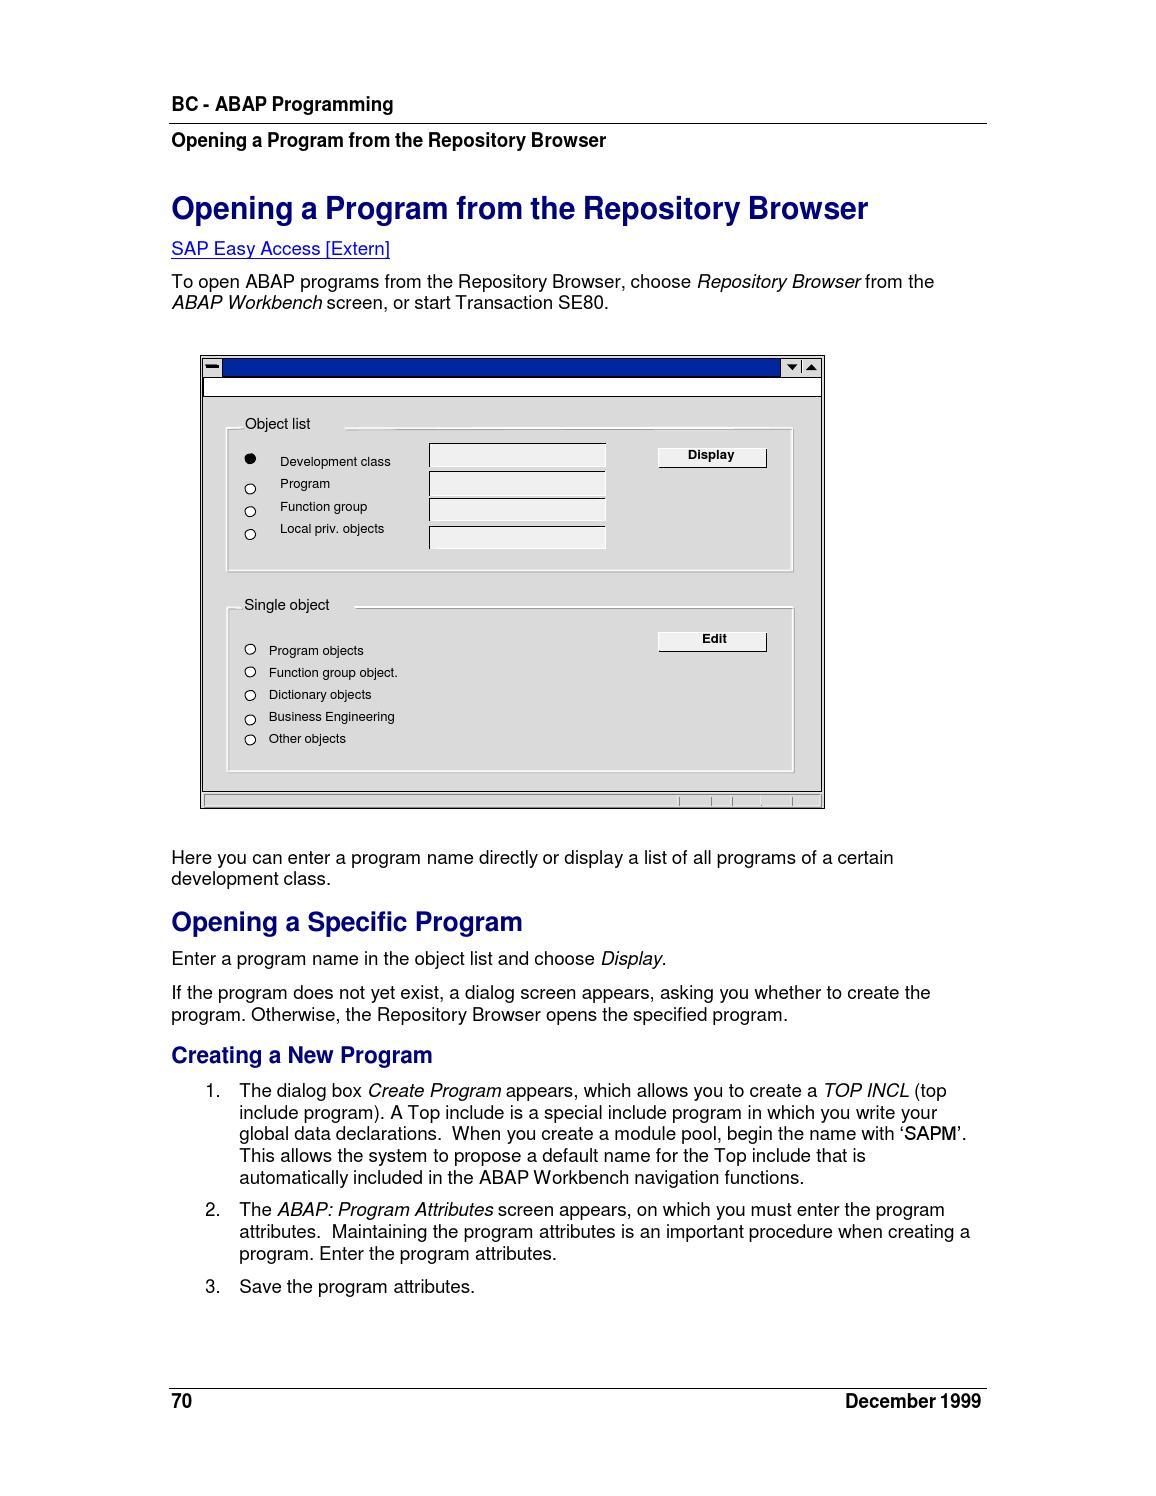 Sap bc abap programming 1999 01 05 by Luigi M  - issuu